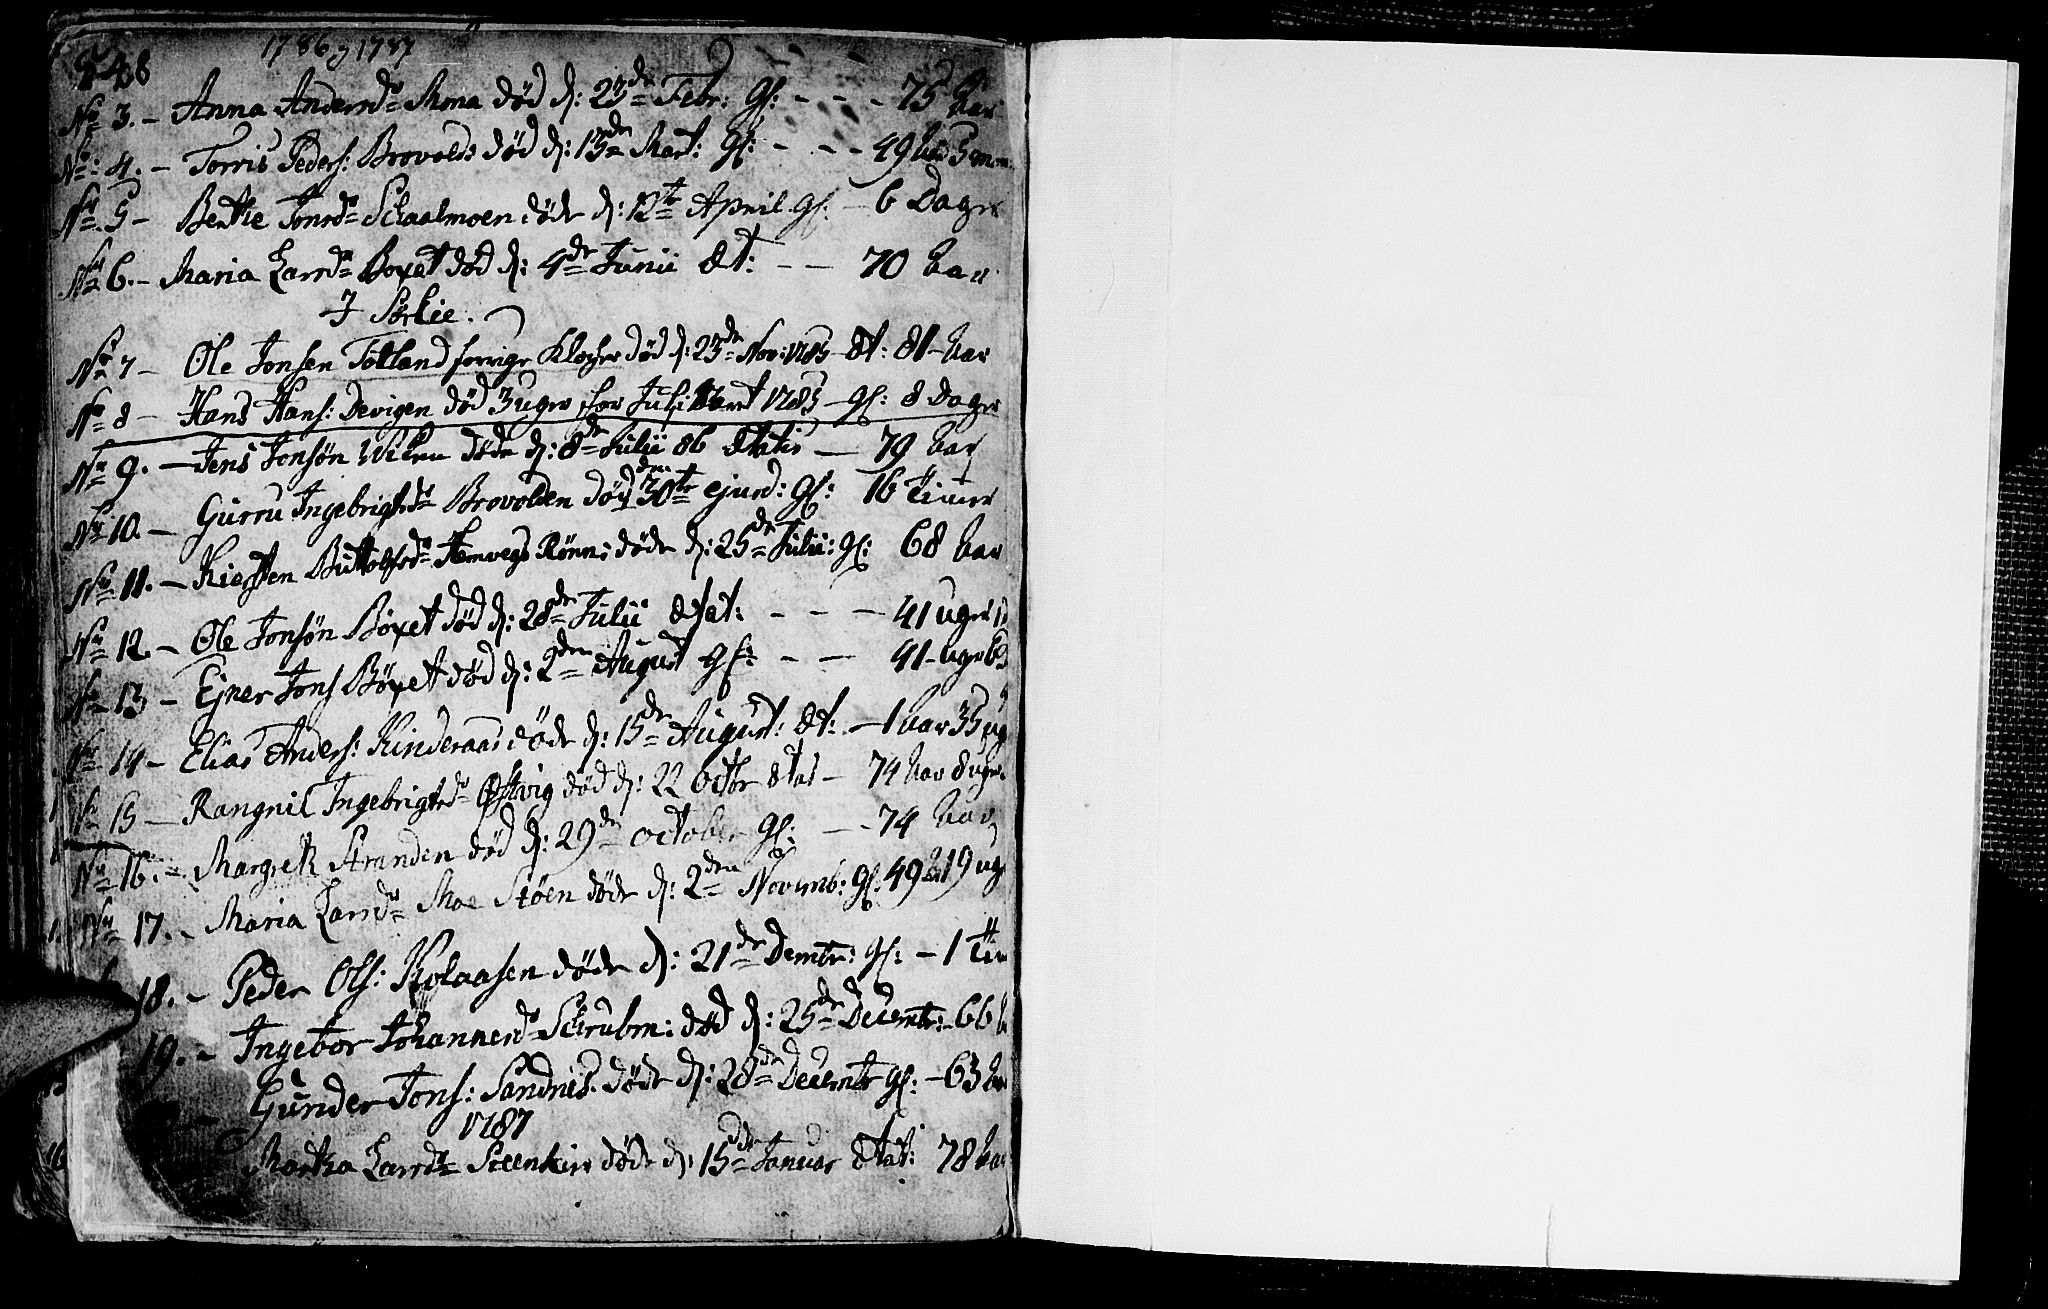 SAT, Ministerialprotokoller, klokkerbøker og fødselsregistre - Nord-Trøndelag, 749/L0467: Ministerialbok nr. 749A01, 1733-1787, s. 548-549